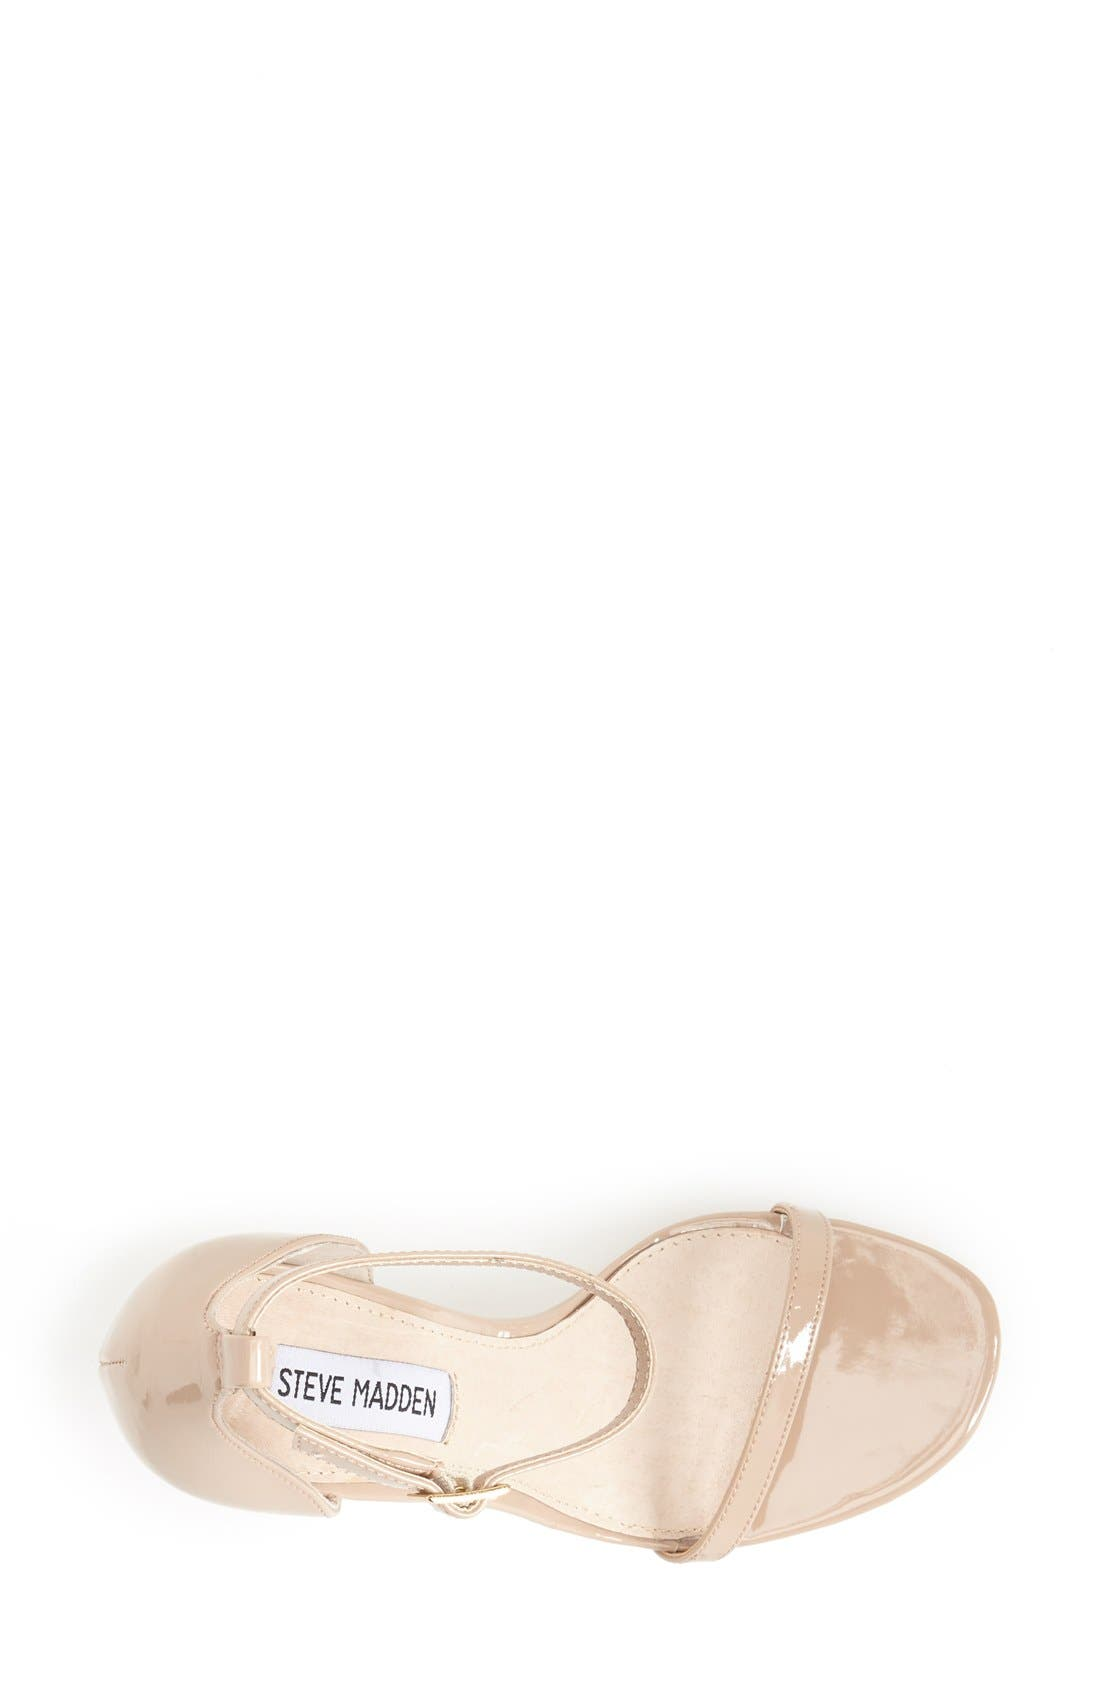 Alternate Image 3  - Steve Madden 'Gea' Ankle Strap Sandal (Women)